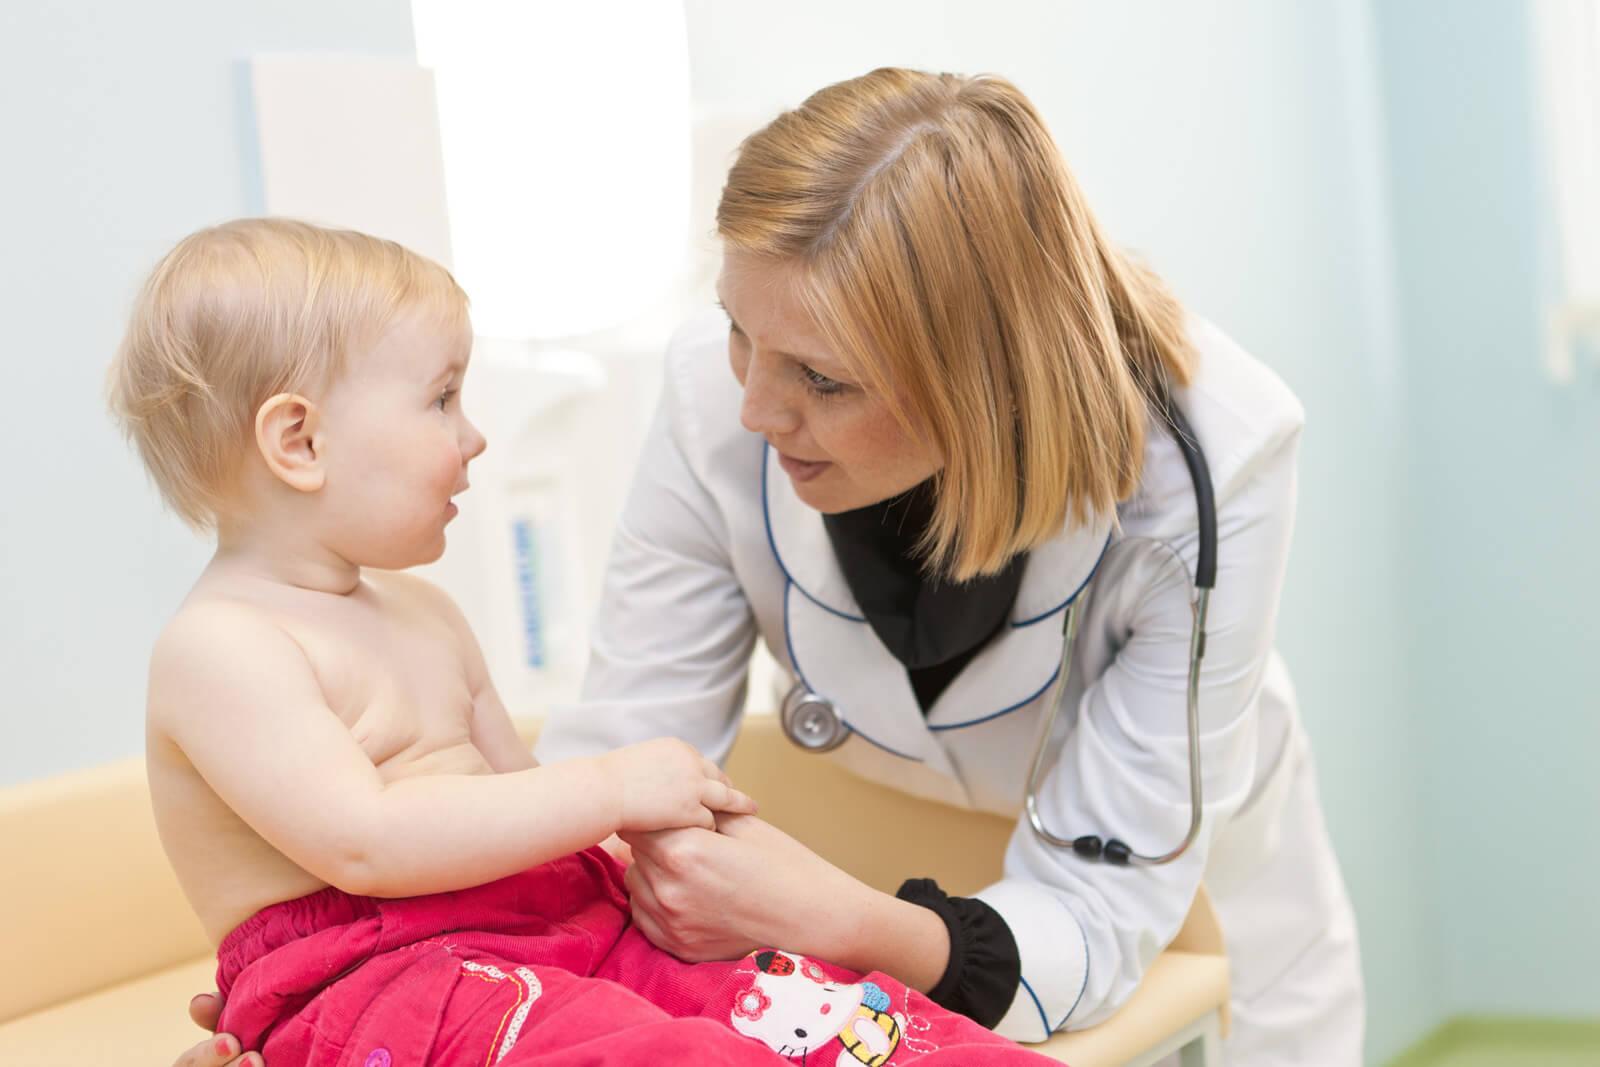 к какому врачу обратиться если у малыша баланопостит